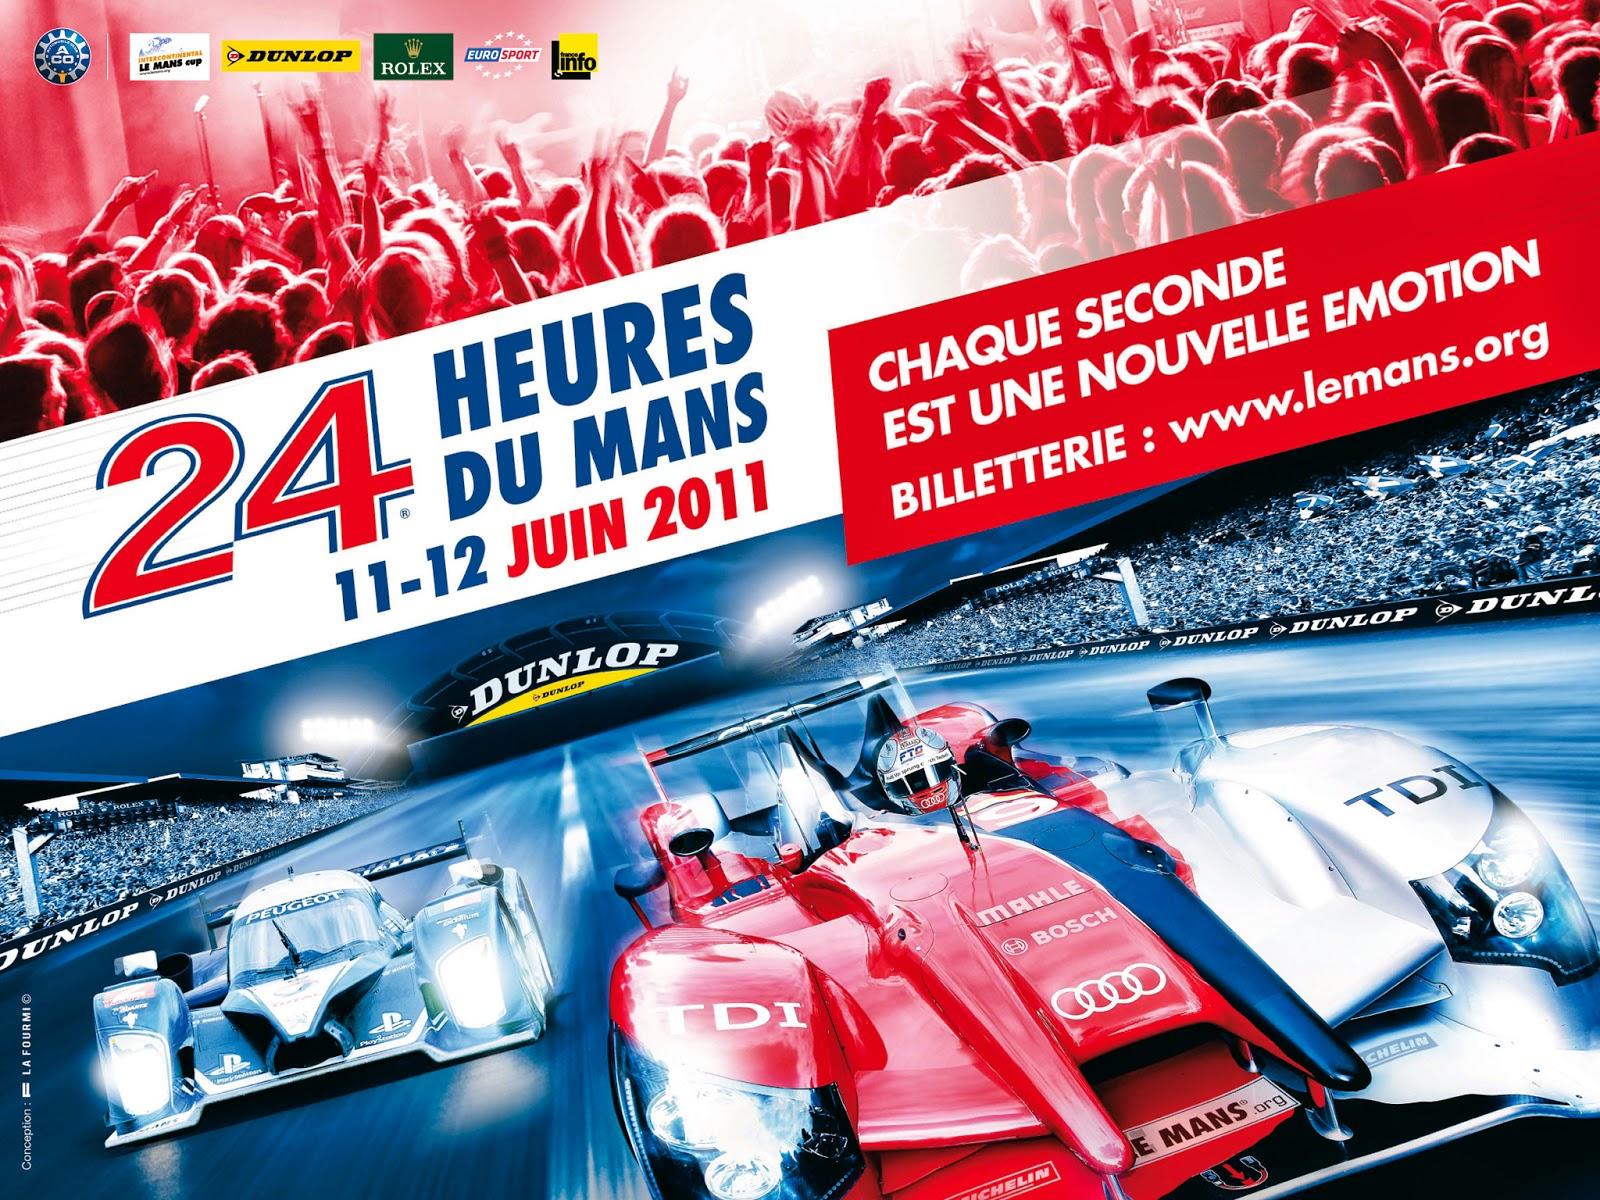 Affiche officielle des 24 Heures du Mans 2011